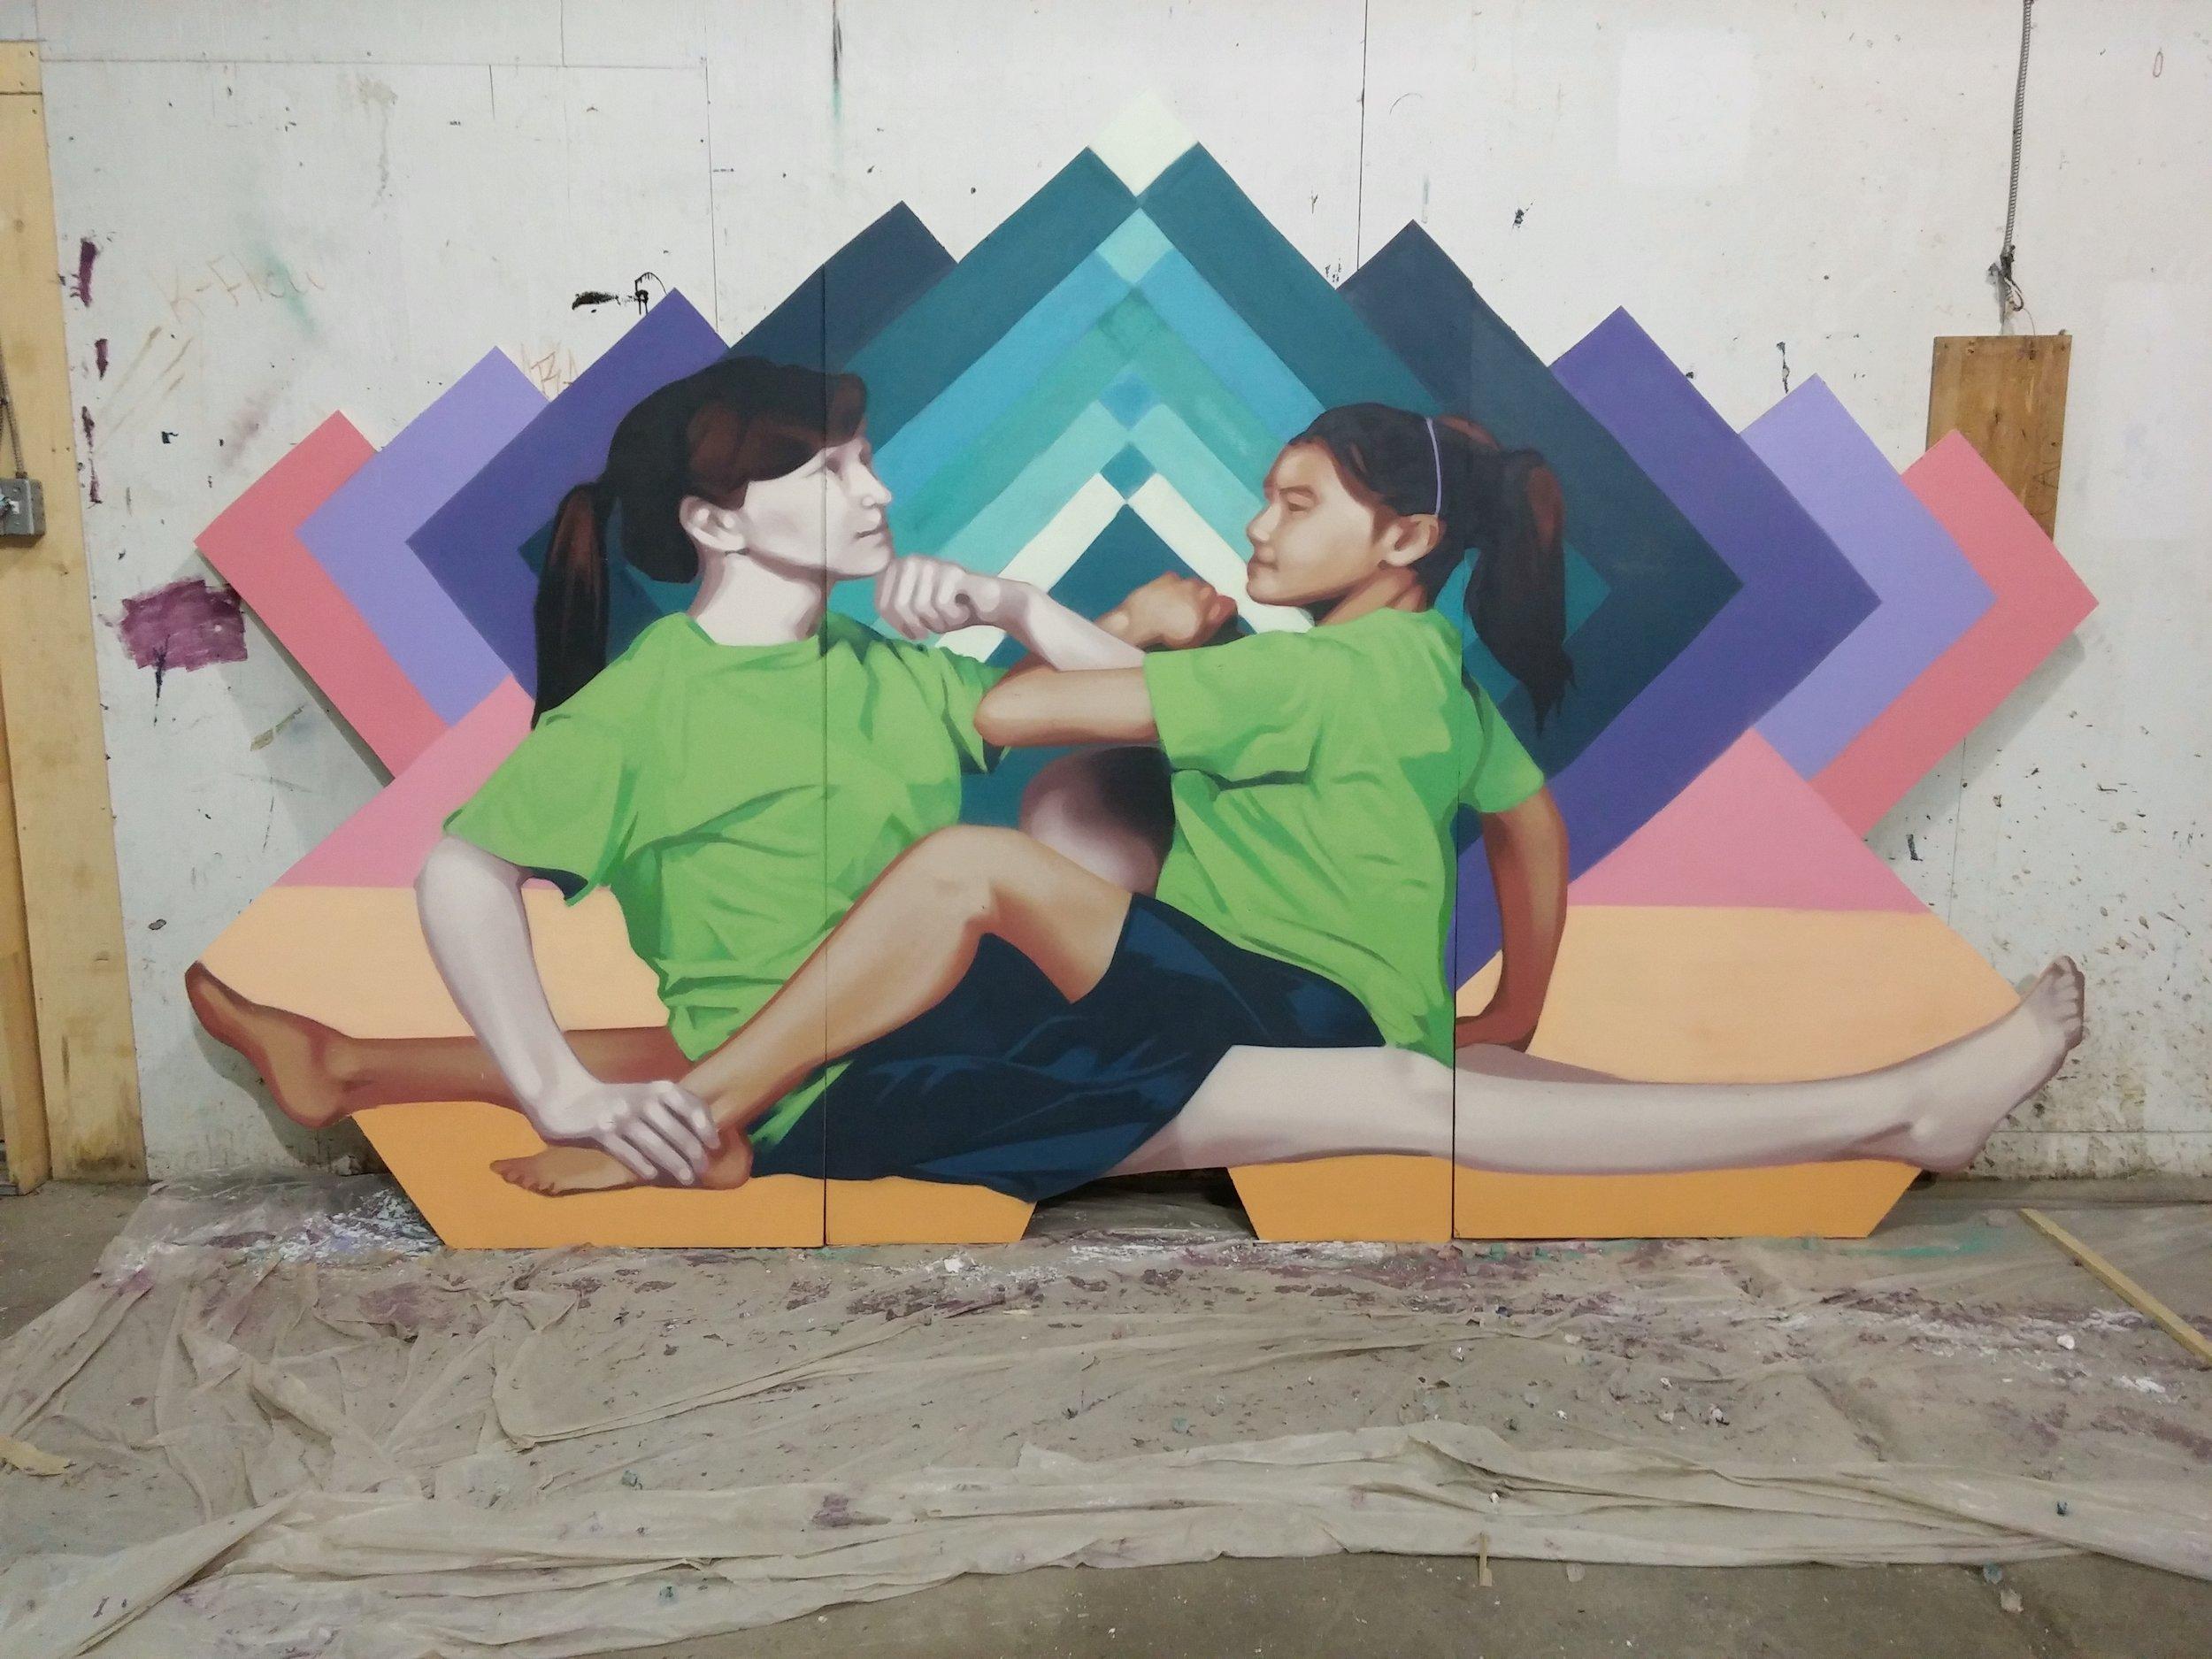 Jaanimmarik School